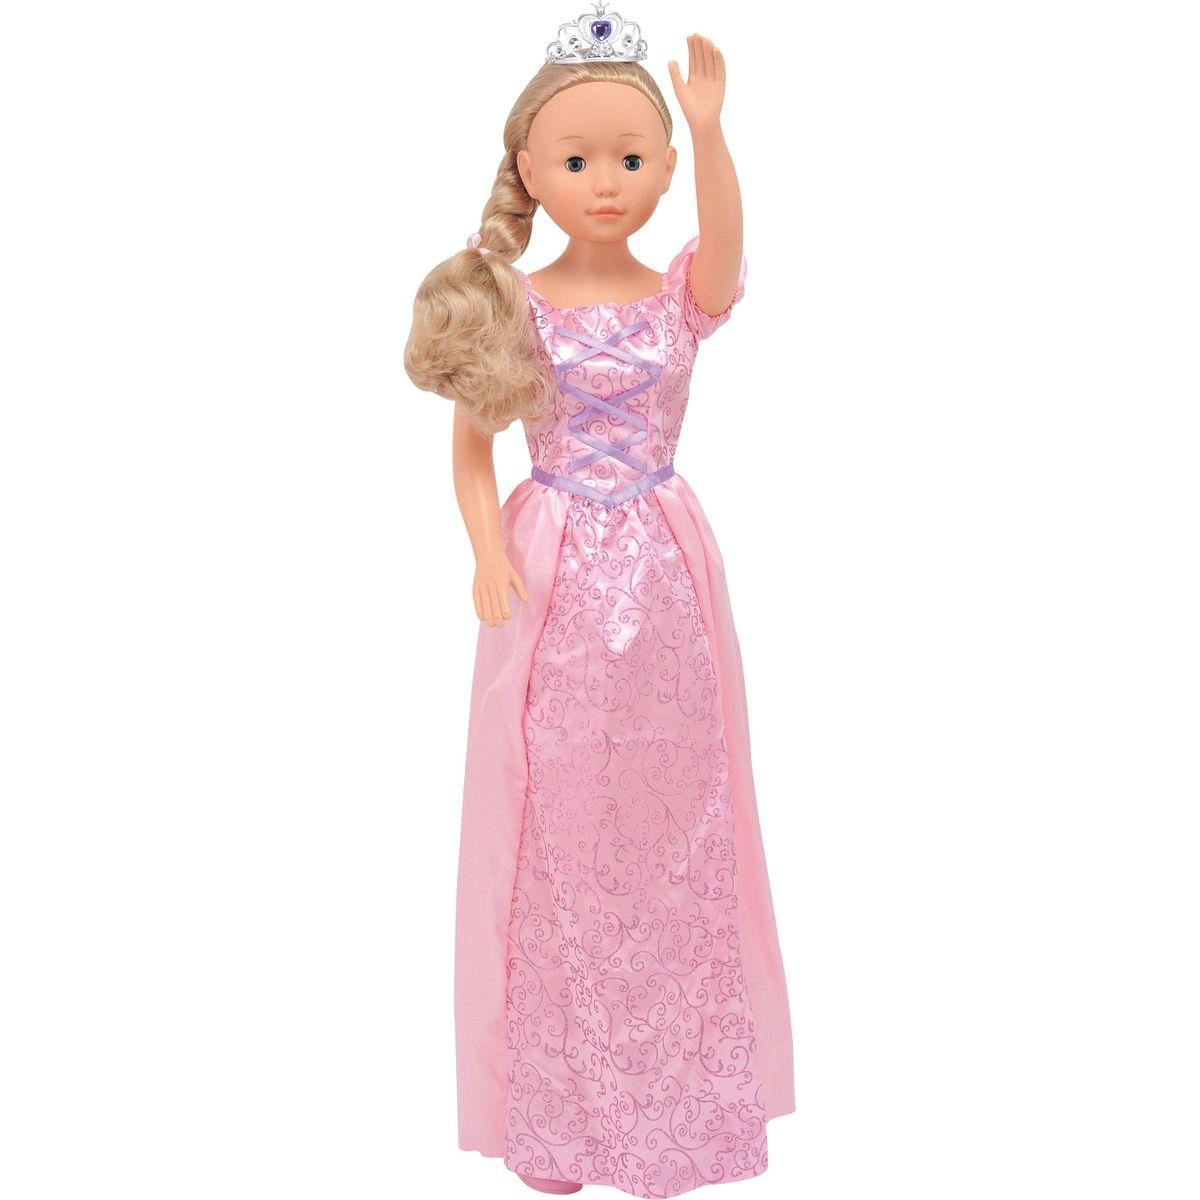 Dimian Panenka Bambolina Molly princezna 90cm Růžové šaty